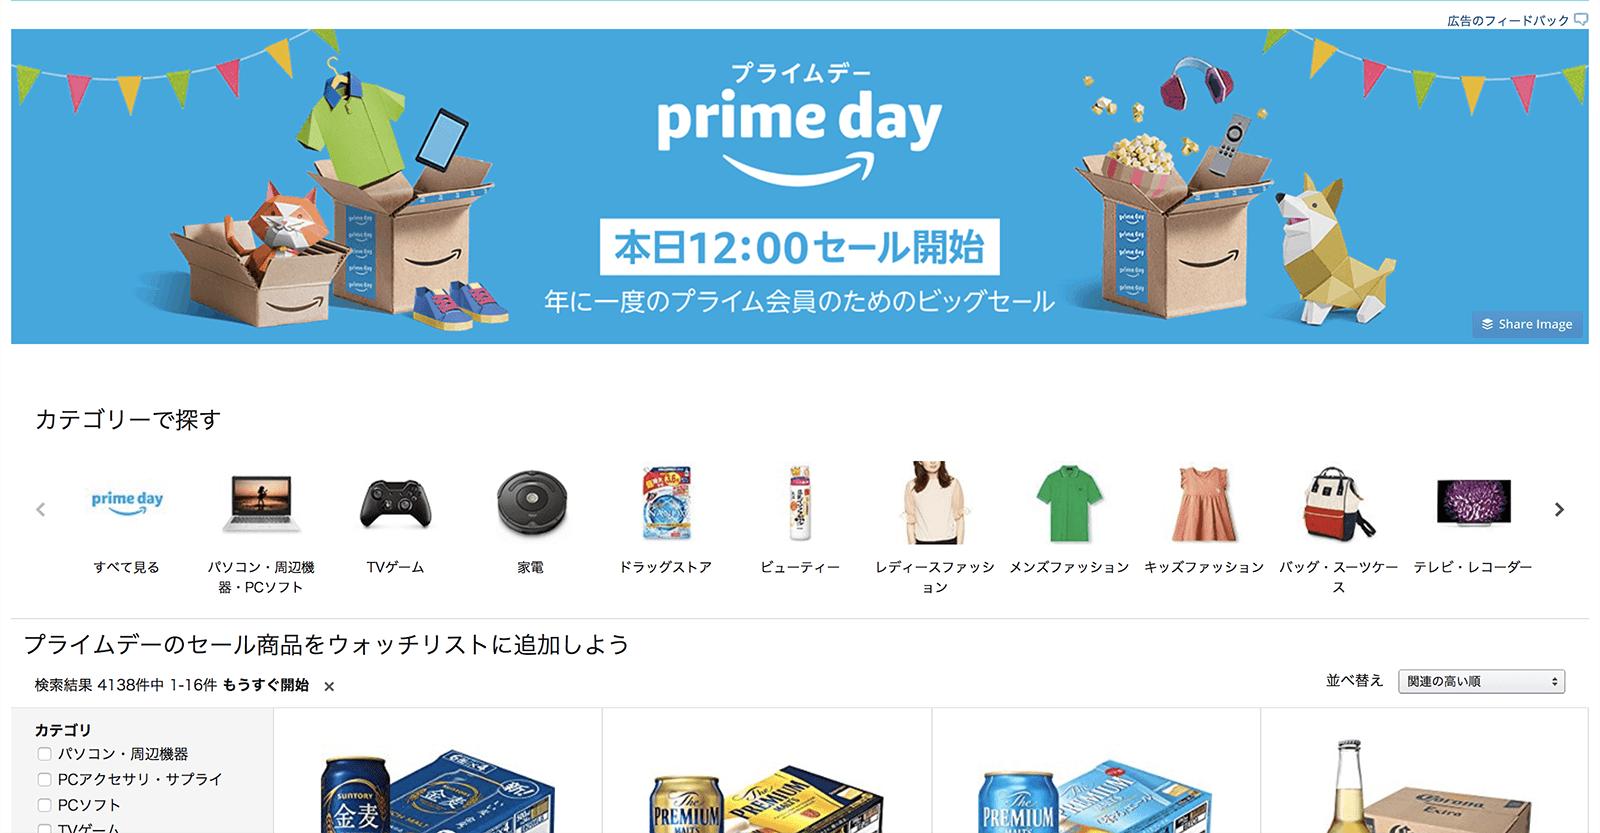 夏フェスアイテムGETの大チャンス!年に1度の大セールAmazon「プライムデー」で買えるフェスに役立ちそうなアイテムまとめ!